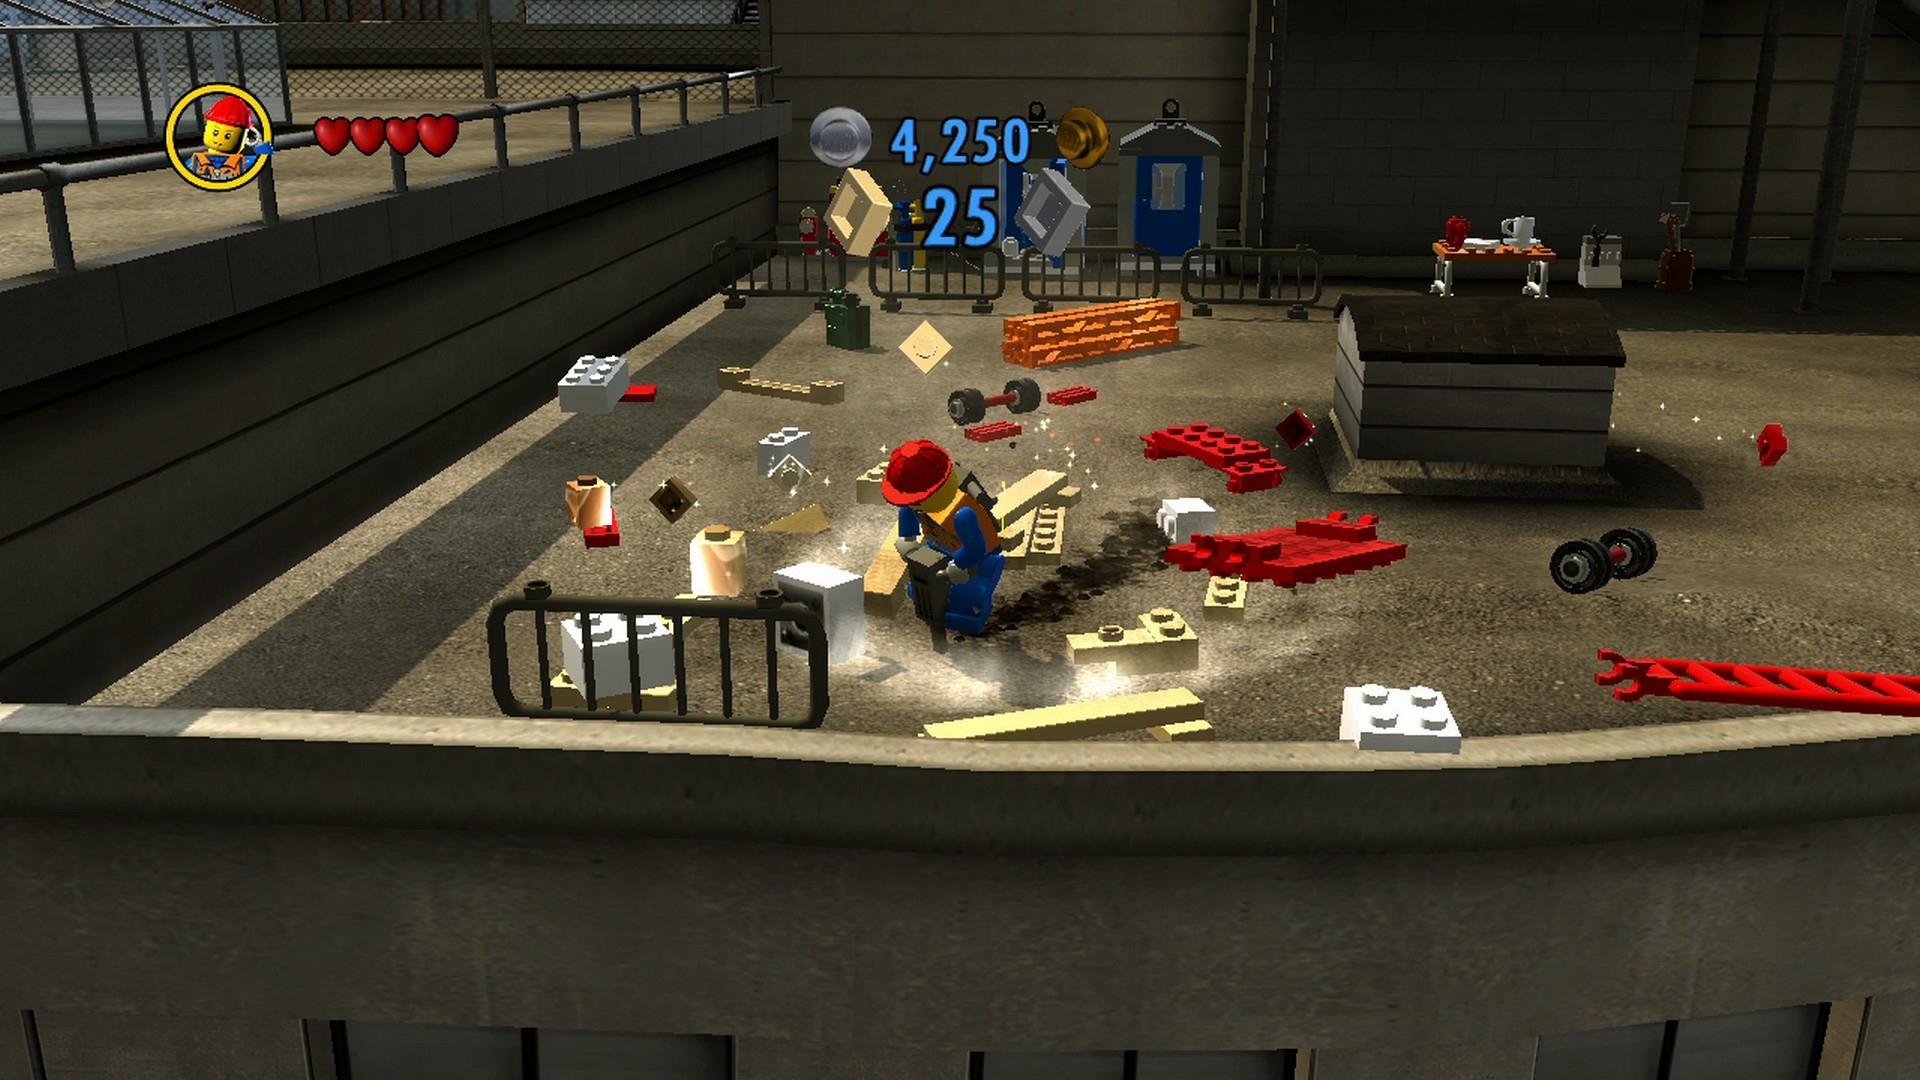 скачать игру lego city undercover pc